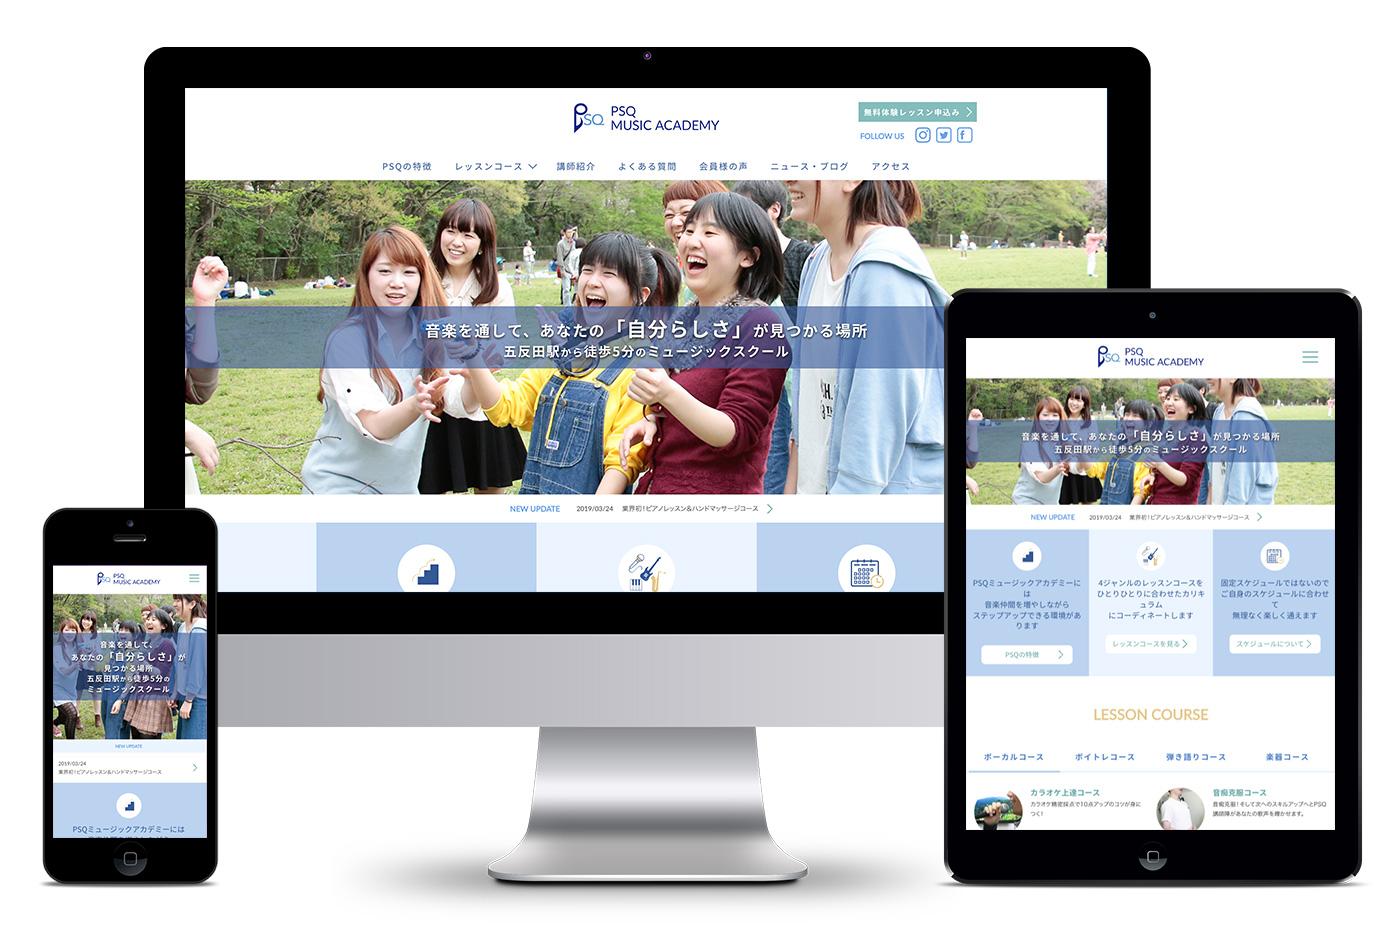 音楽スクールのオンライン予約システム付きホームページ制作事例